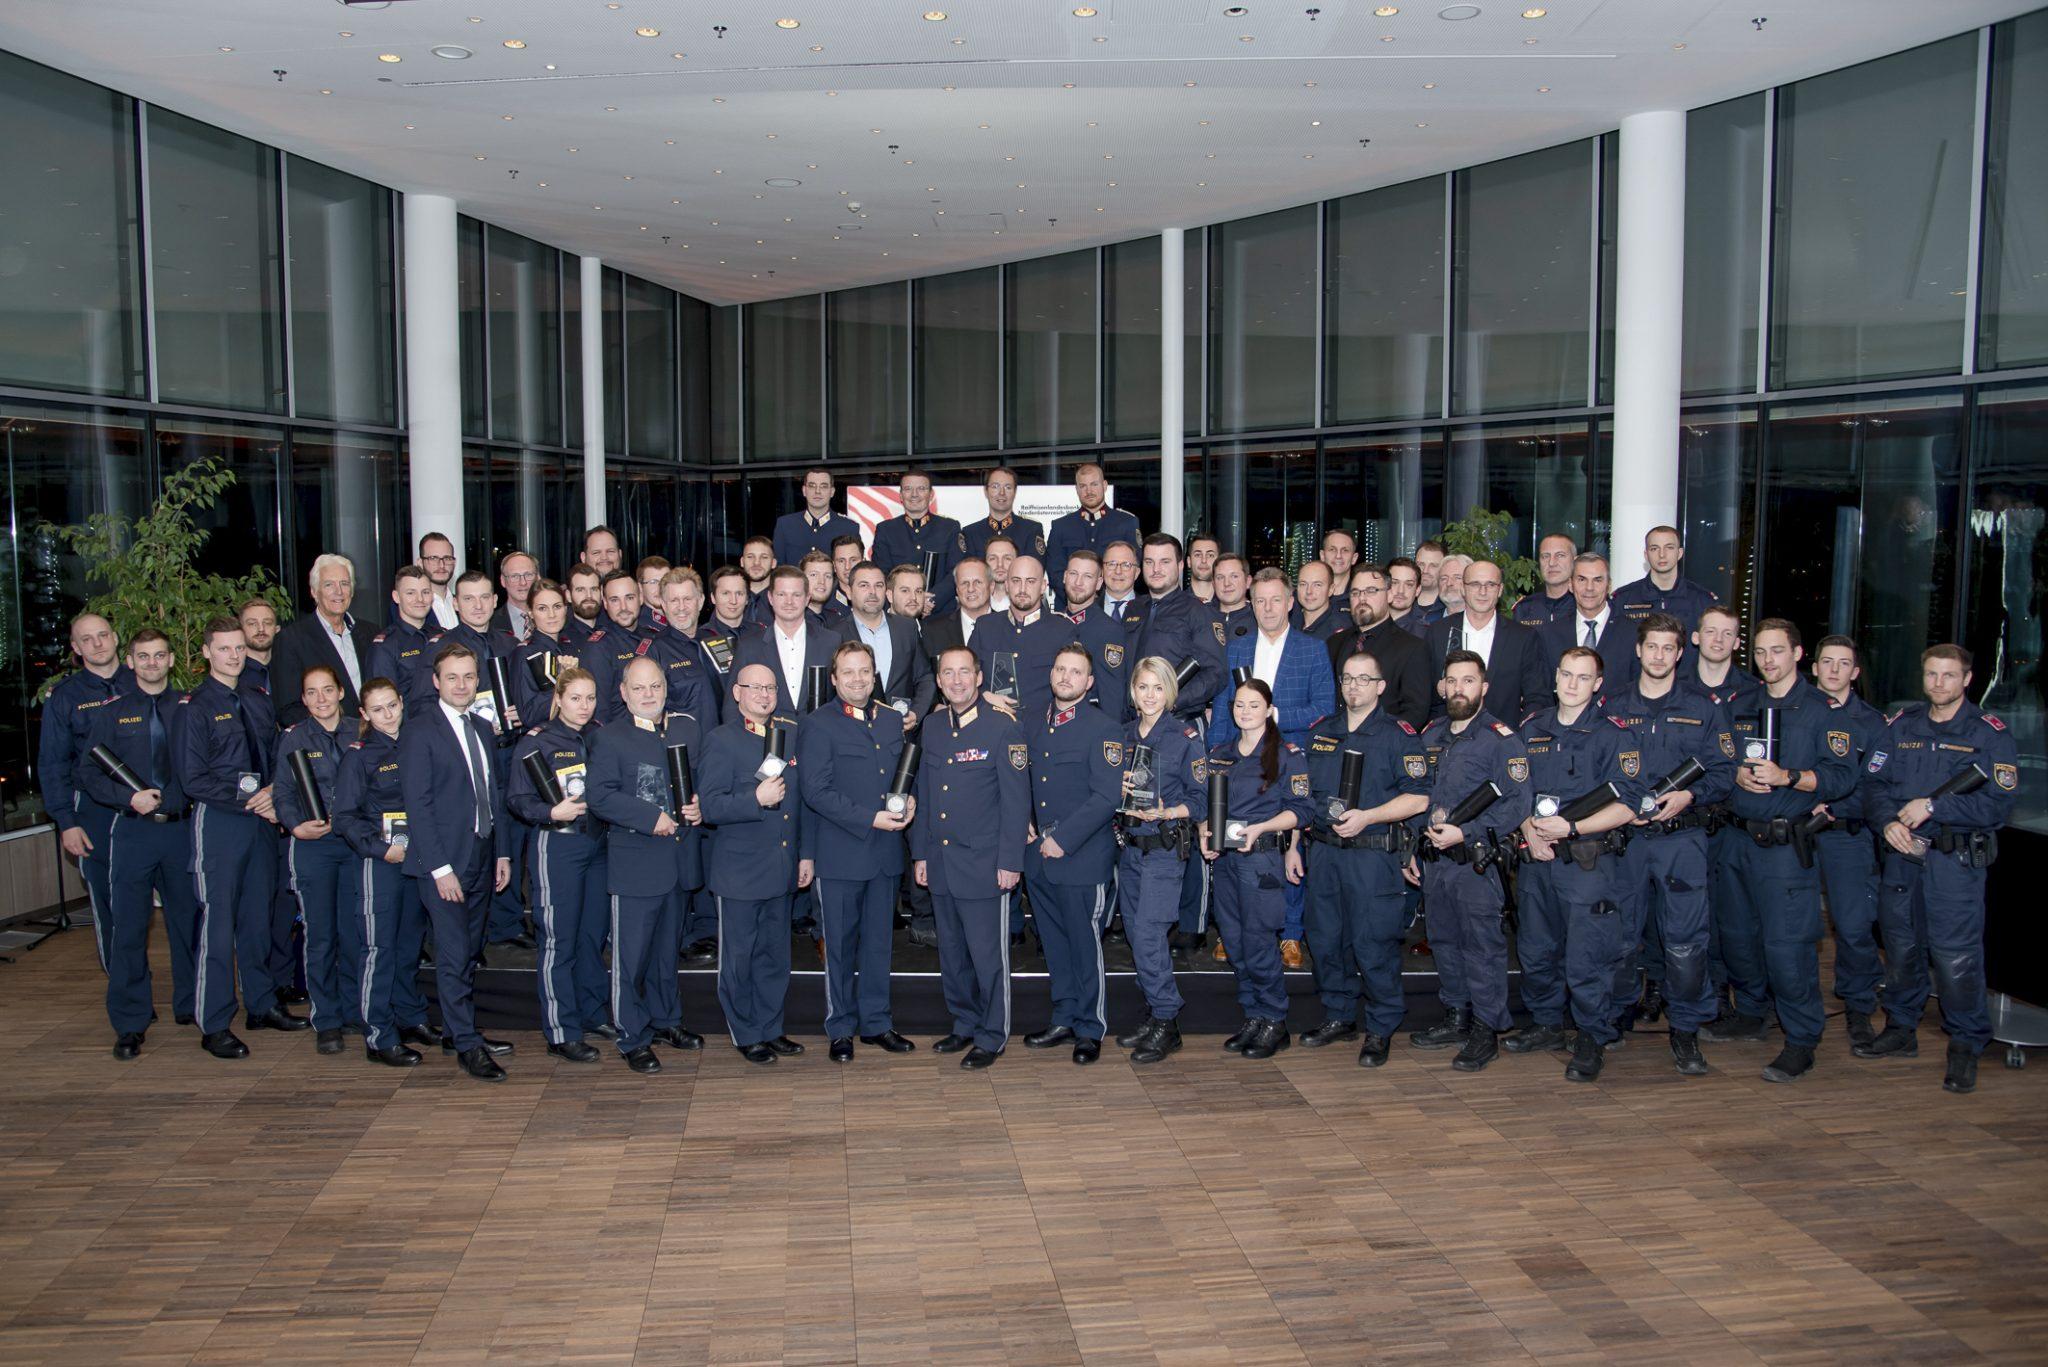 Sicherheitsverdienstpreise 2019 für Wiener Polizei